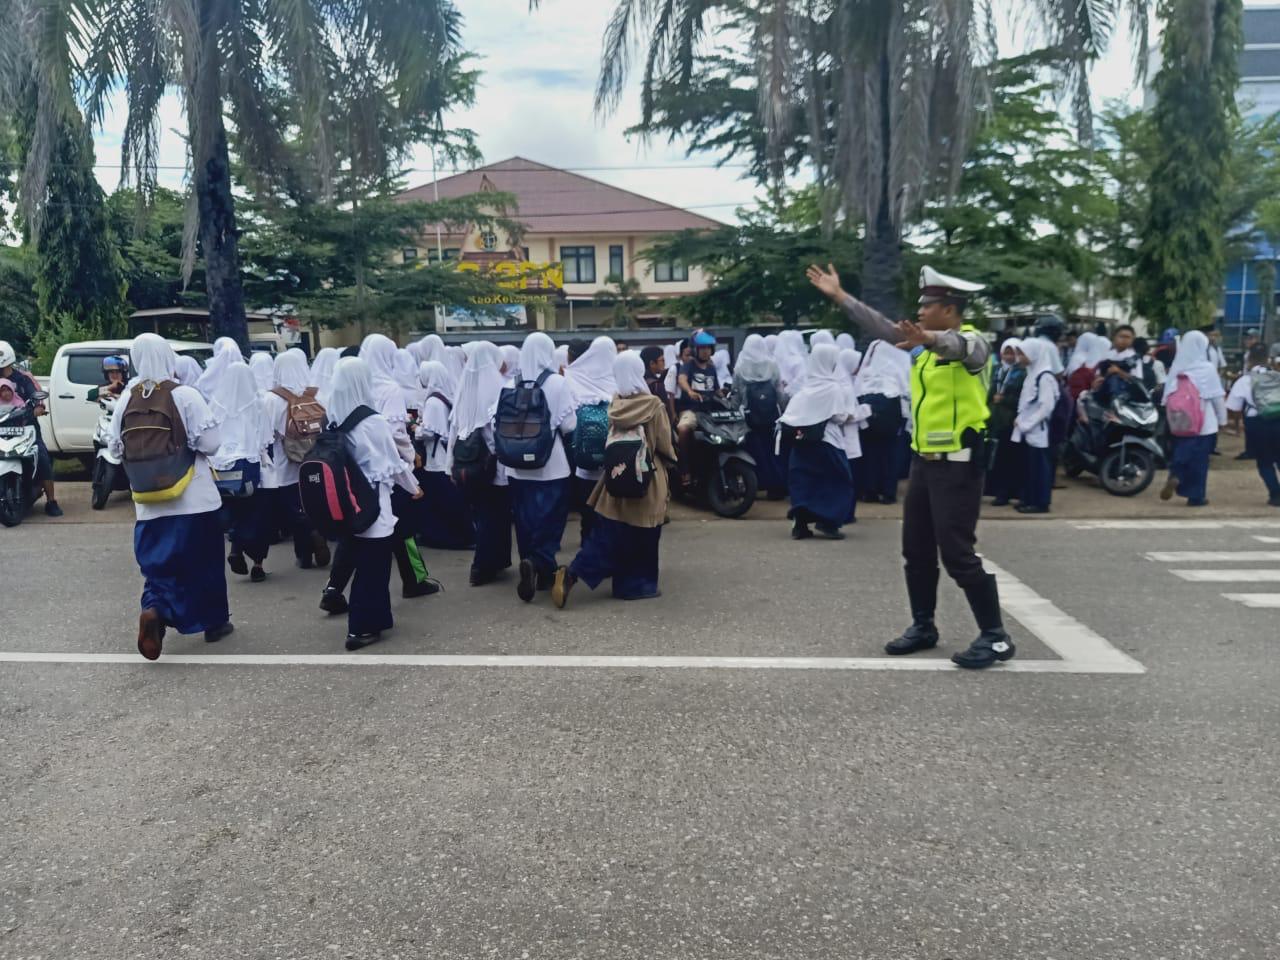 Selain Mengatur Lalin, Petugas Satlantas Polres Ketapang Juga Bantu Anak Sekolah Menyebrang Jalan